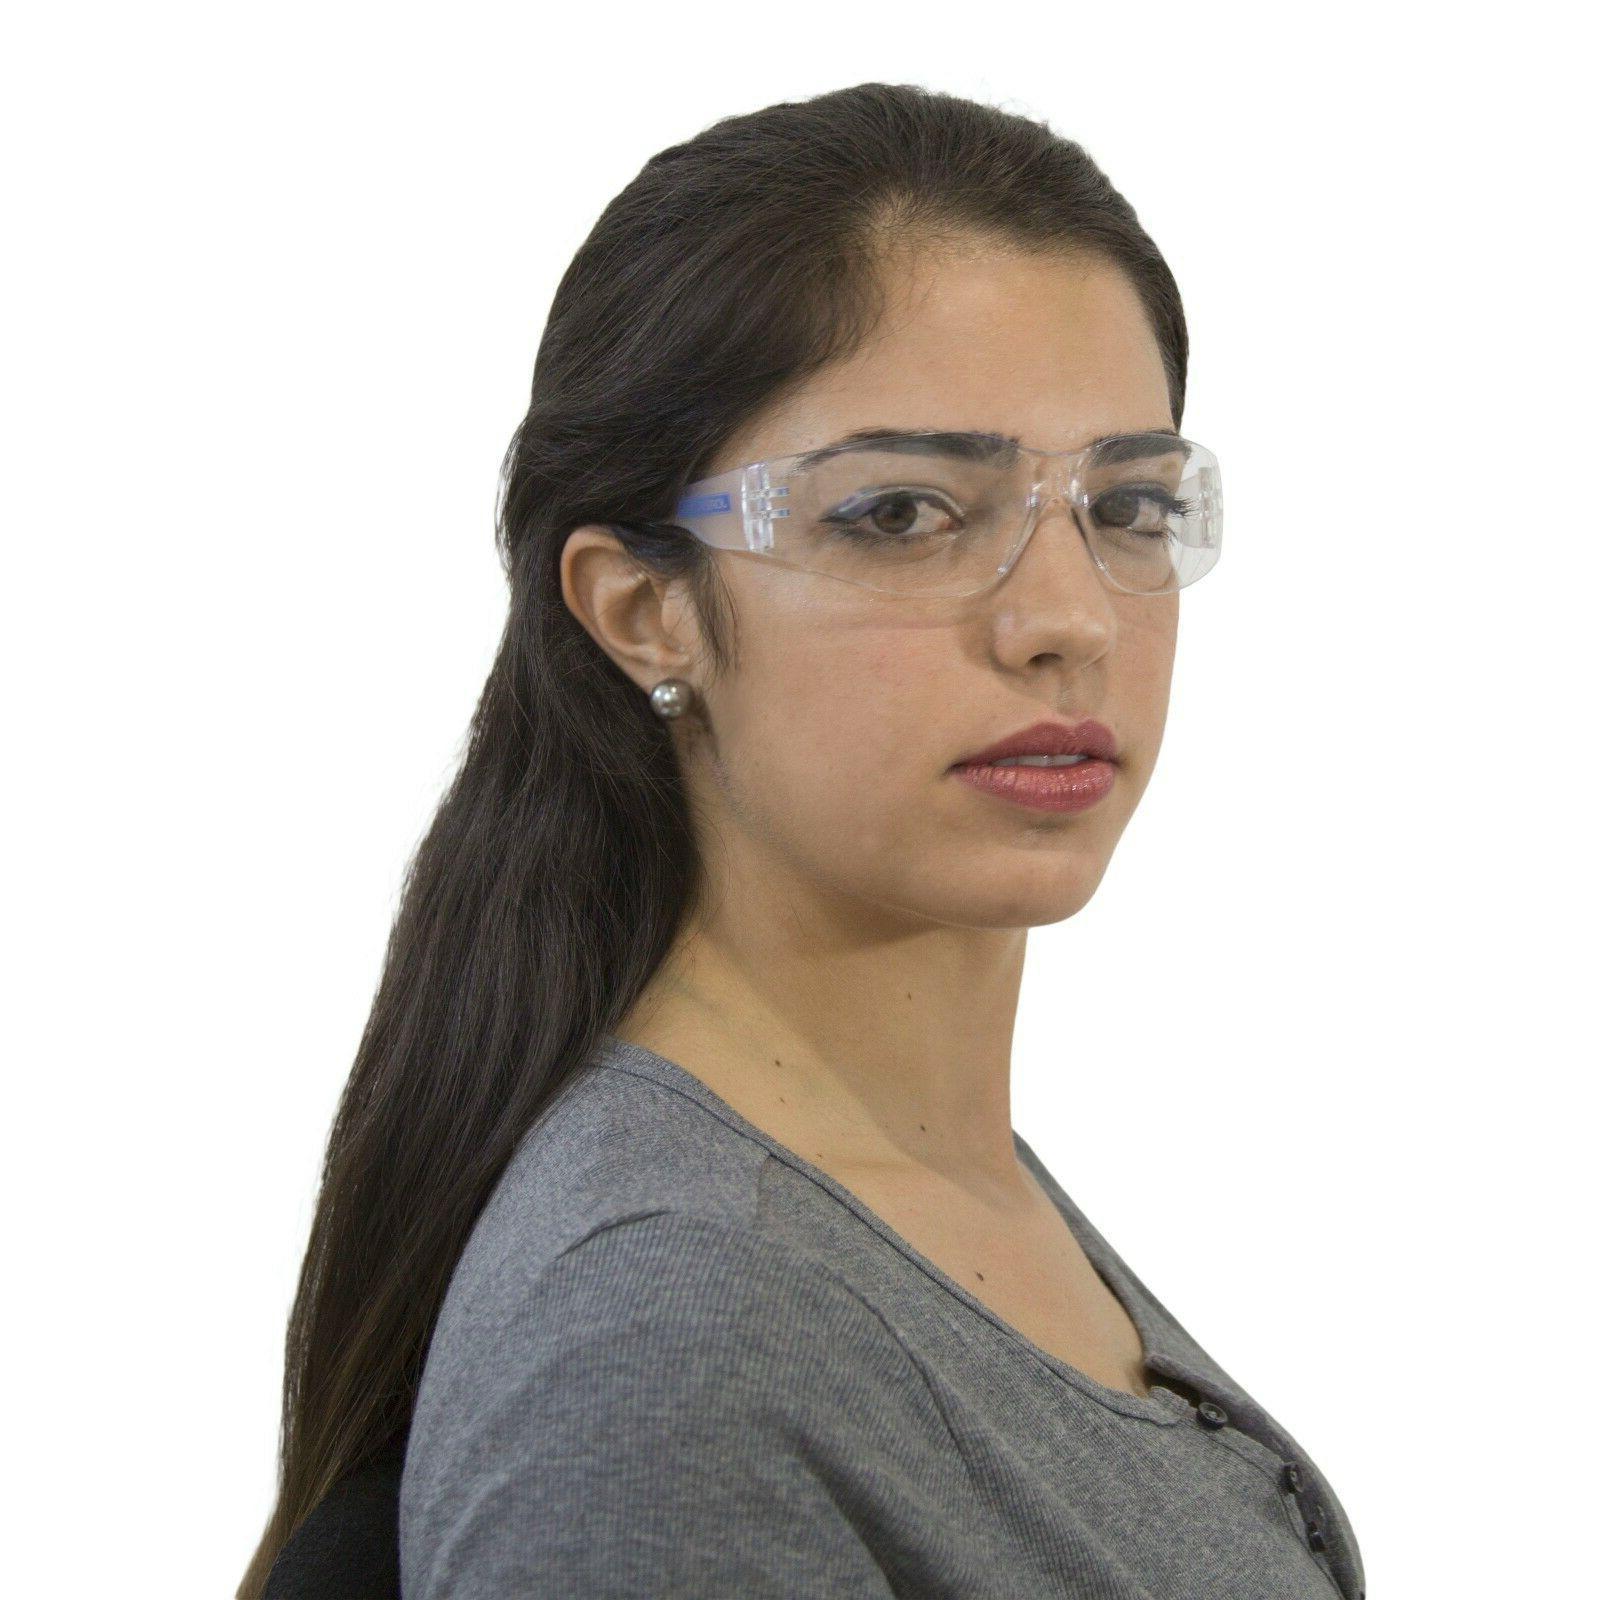 12 JORESTECH UV SAFETY GLASSES